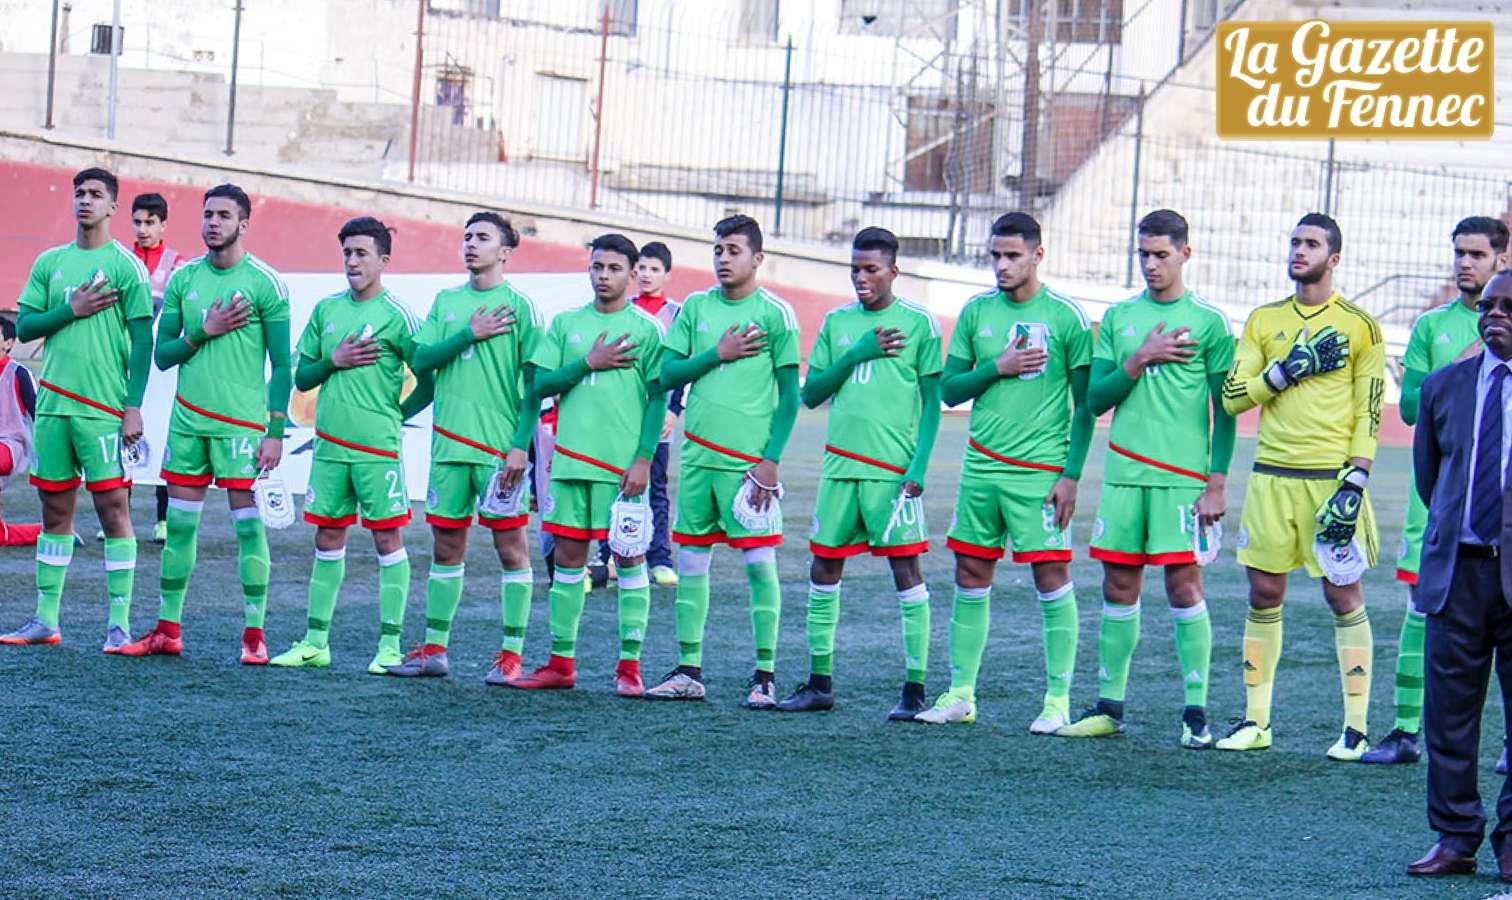 hymne u20 contre tunisie